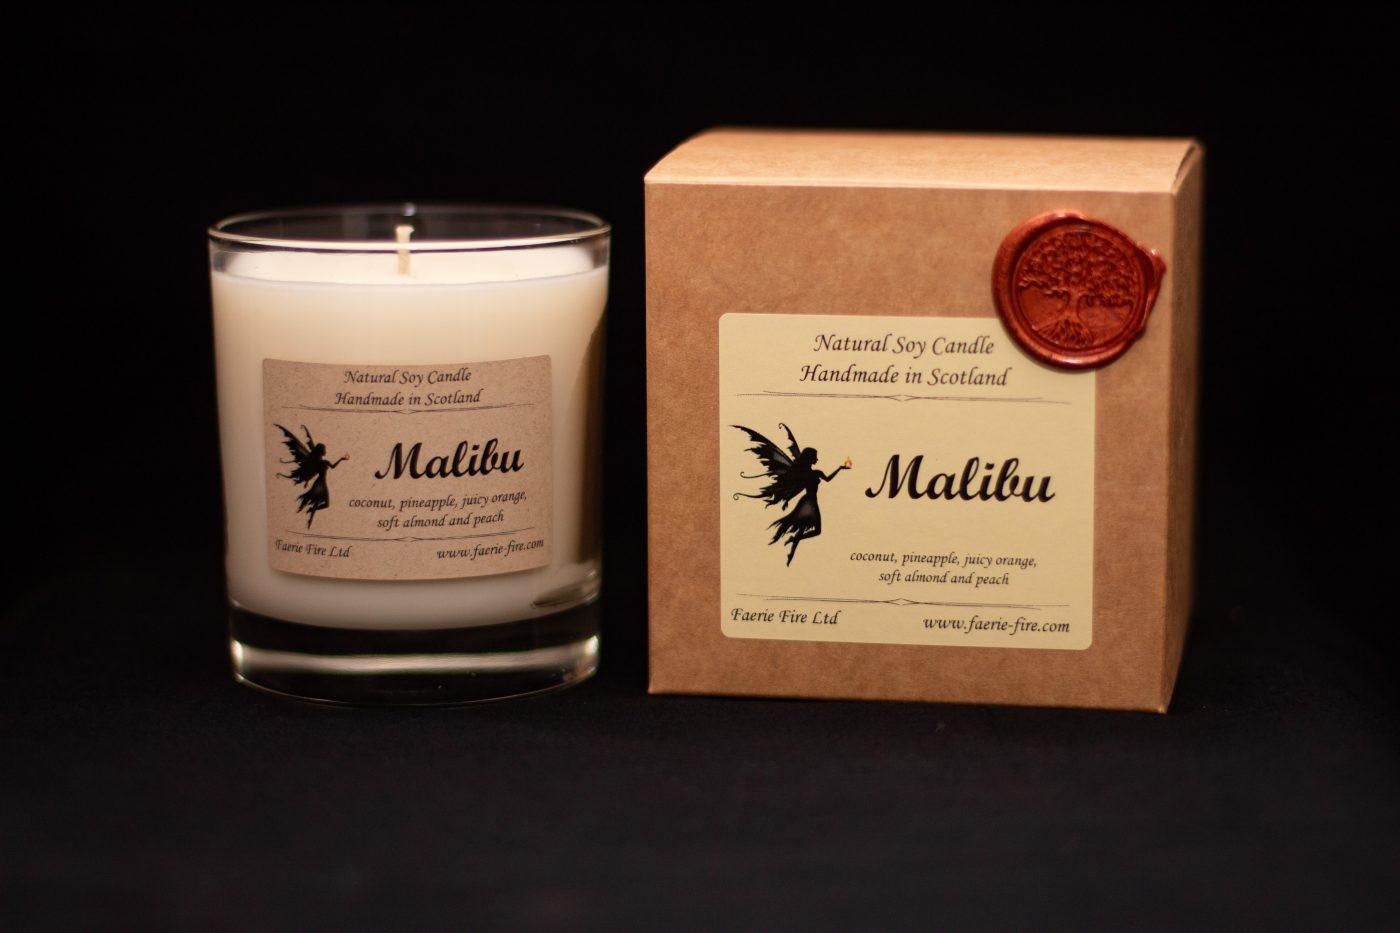 Malibu Candle 2 scaled